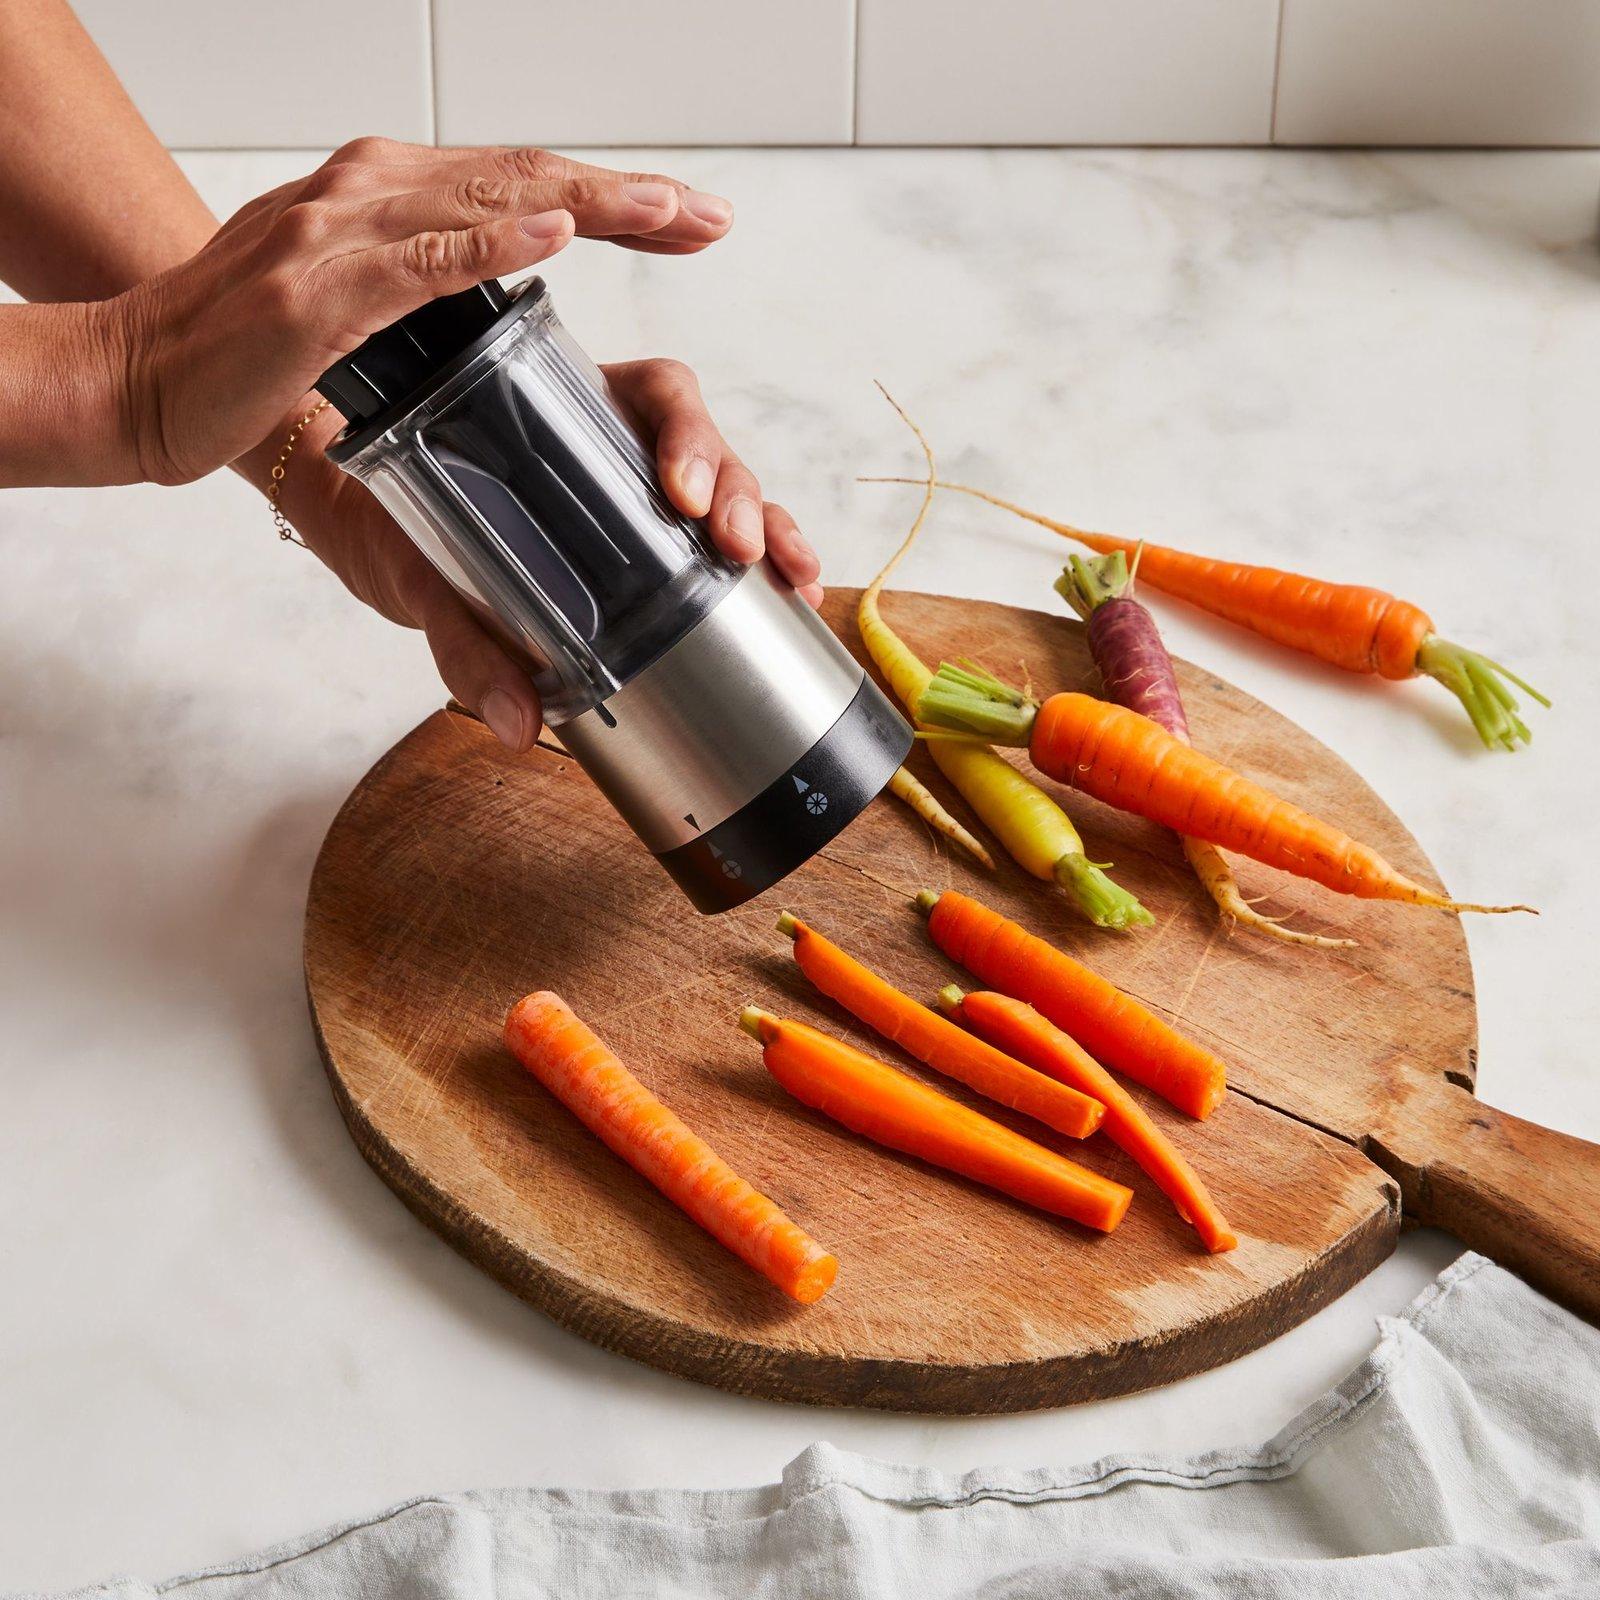 Photo 1 of 1 in Gefu Vegetable & Fruit Prep Tool